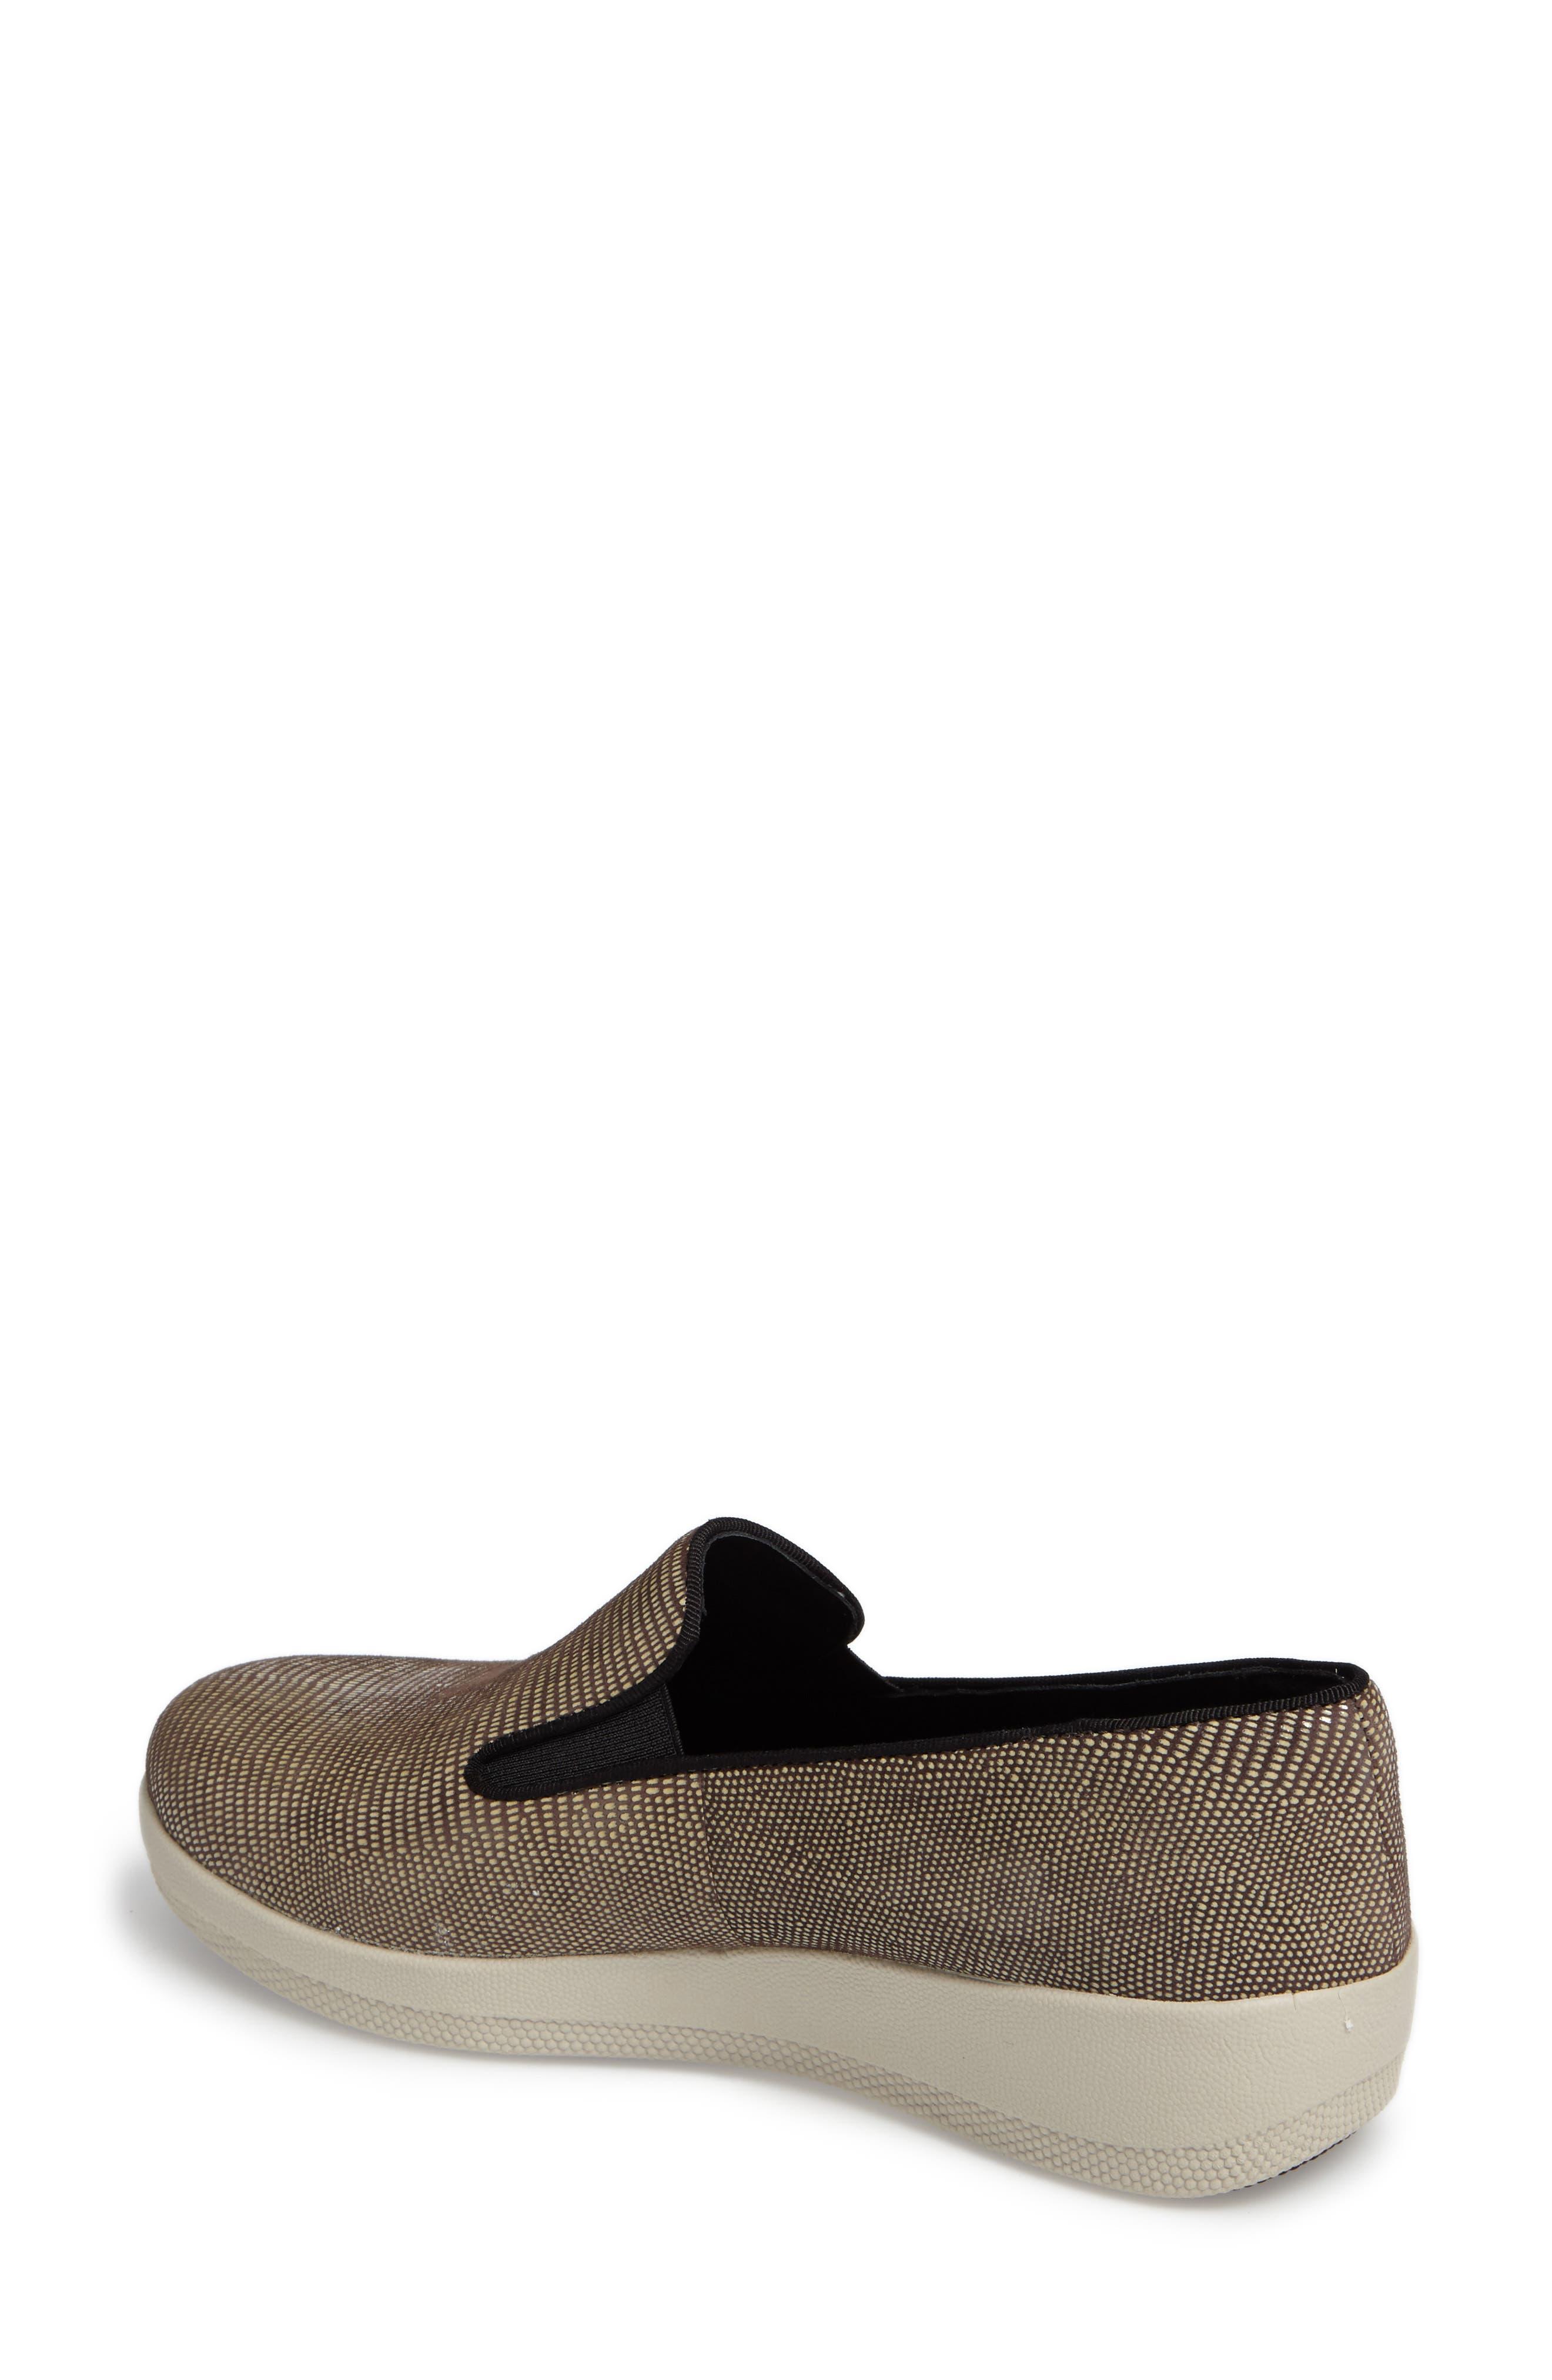 Superskate Slip-On Sneaker,                             Alternate thumbnail 29, color,